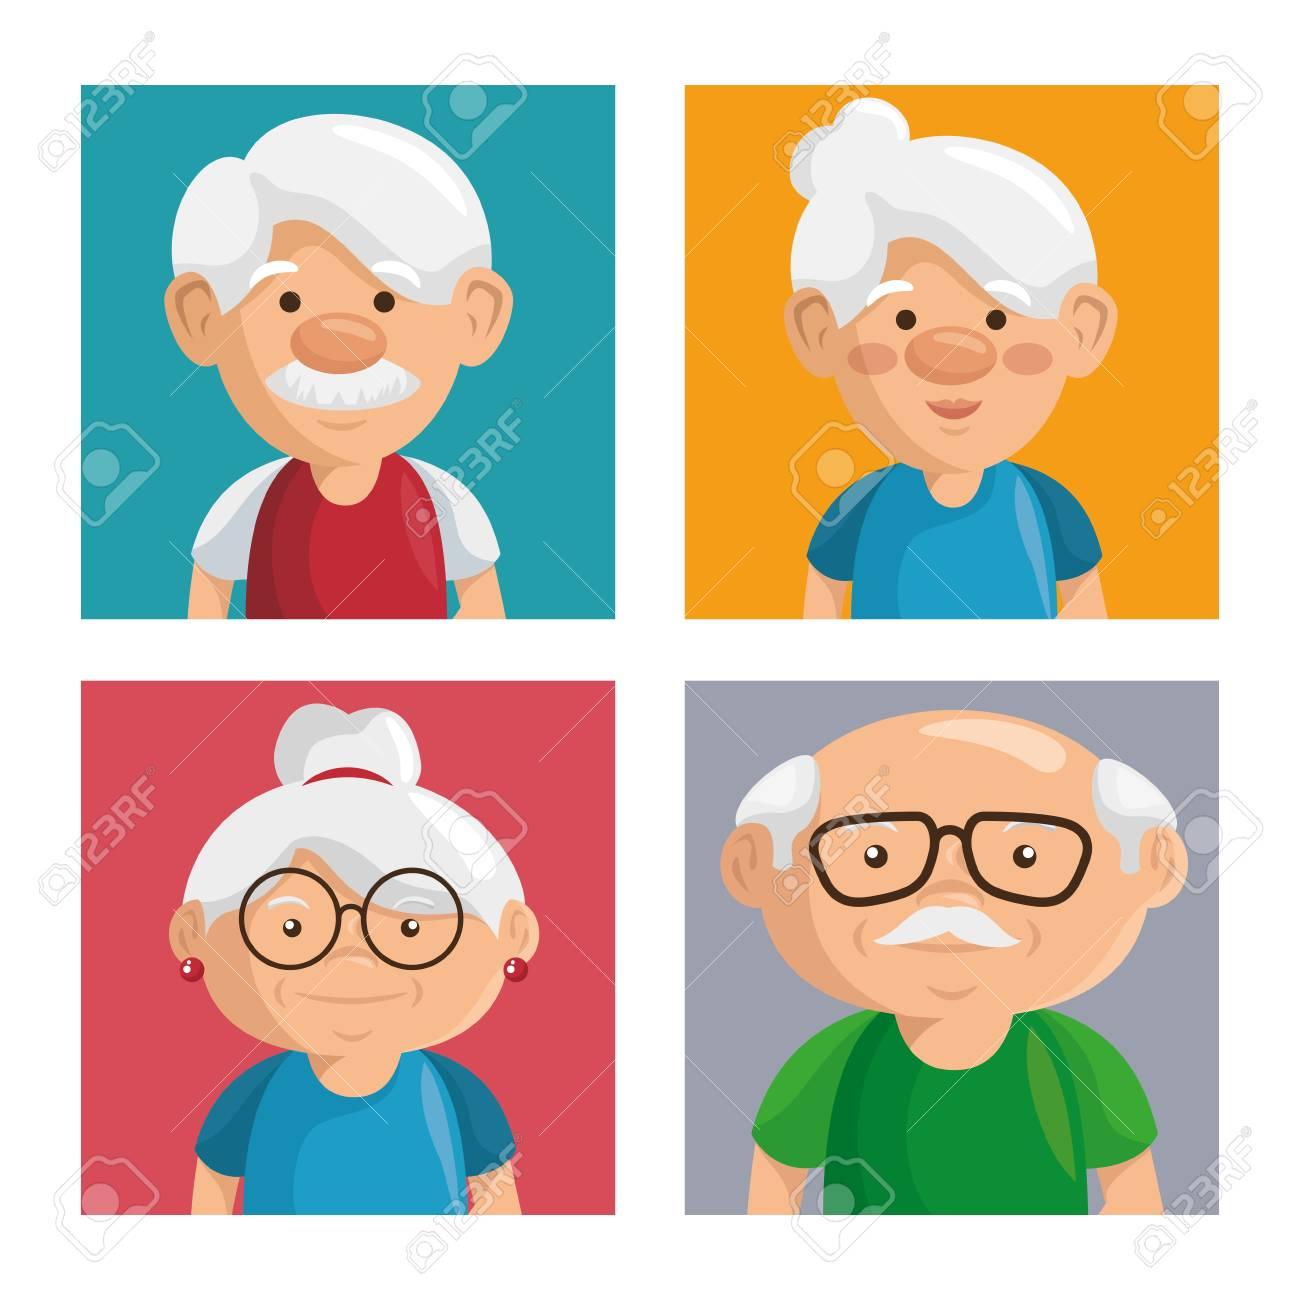 Porträts Der Bunten Großeltern Mit Weißem Rahmen. Vektor ...